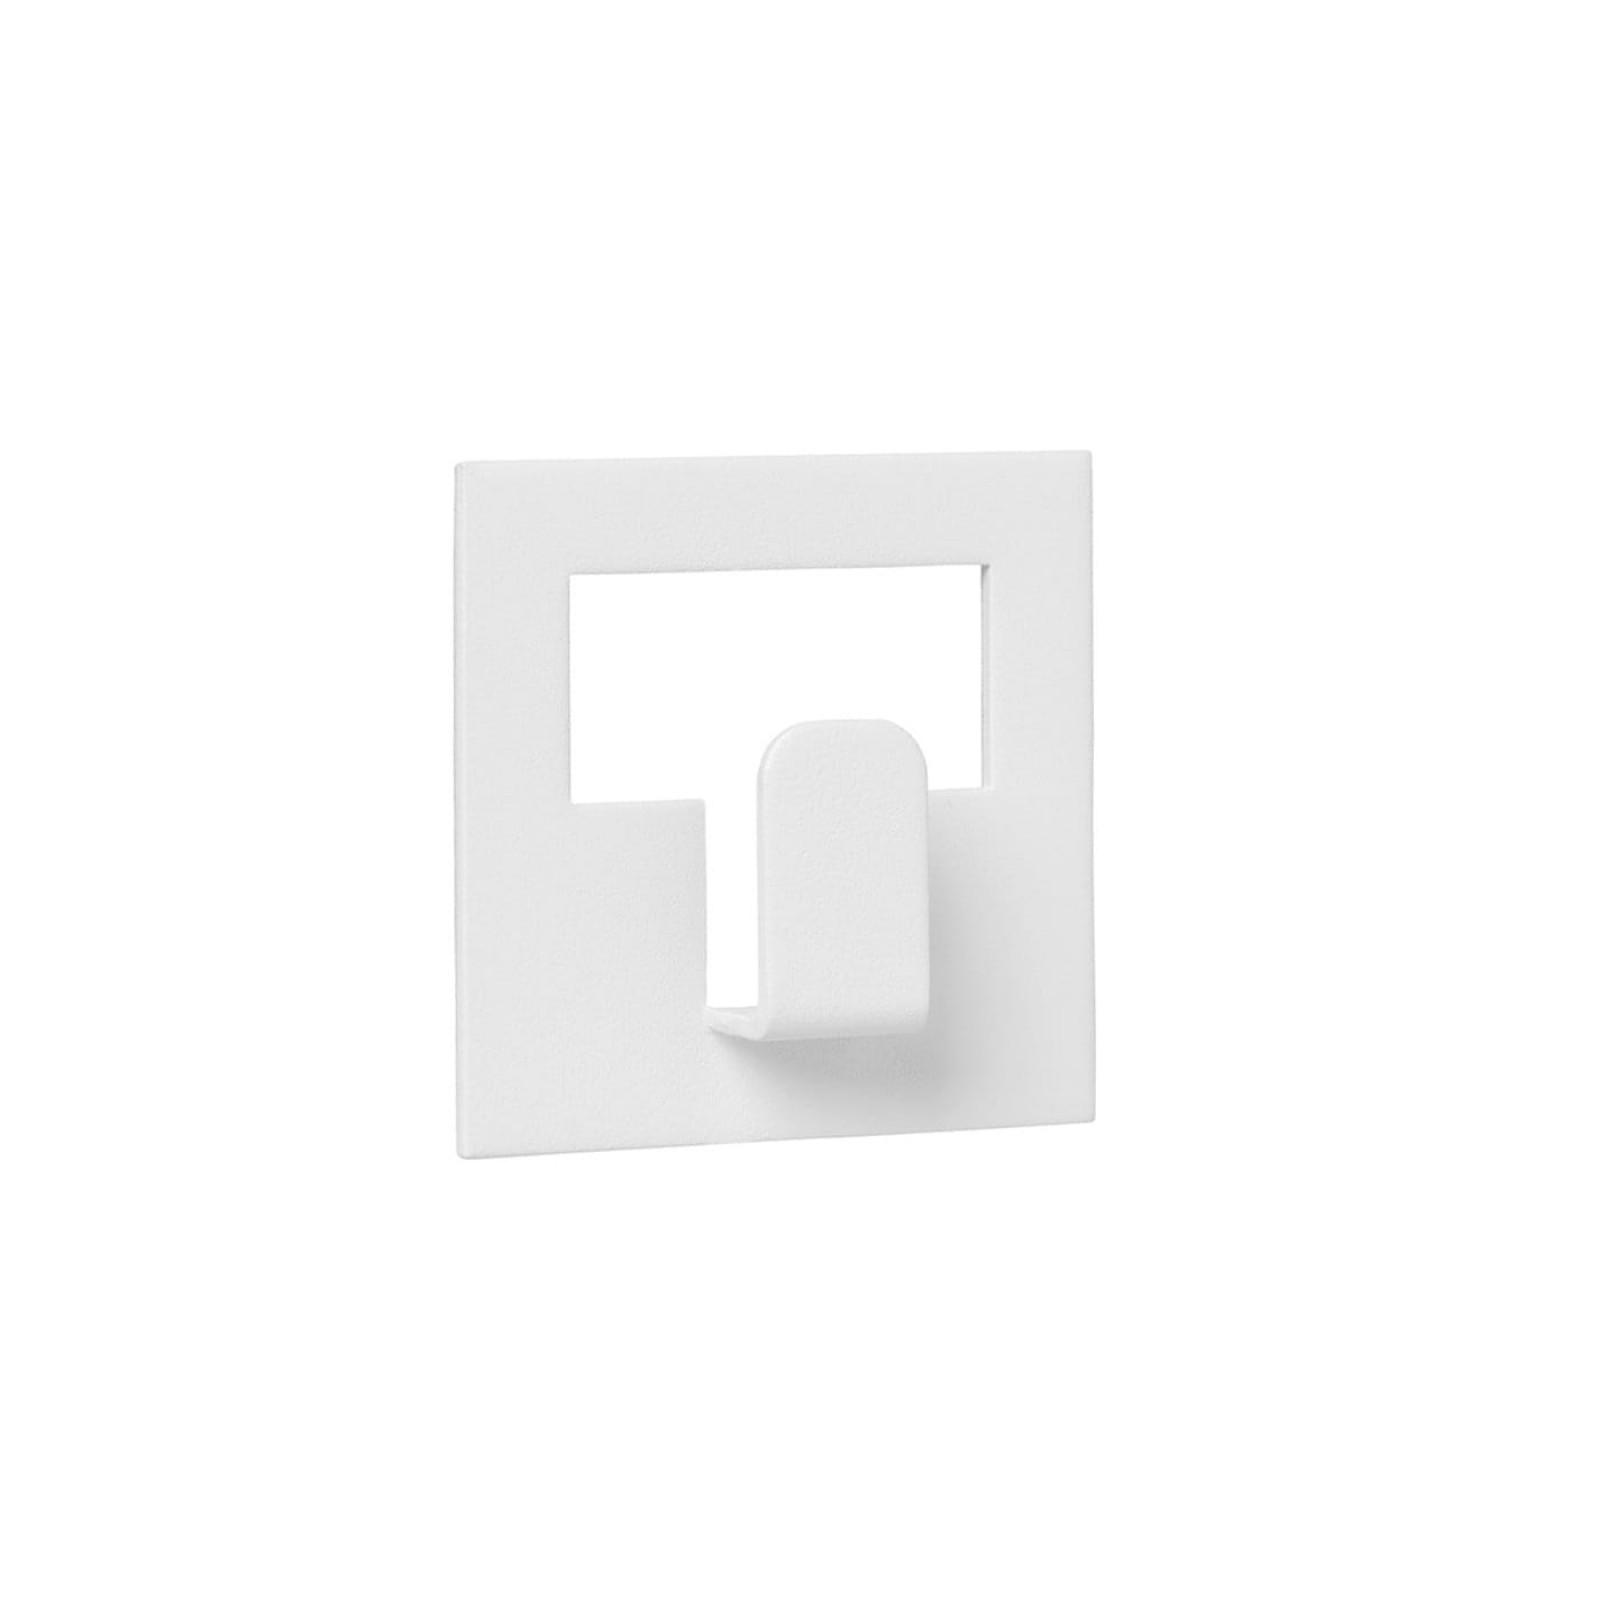 Κρεμάστρα για Πετσέτες με Αυτοκόλλητο VINDO S (Λευκό) - Blomus